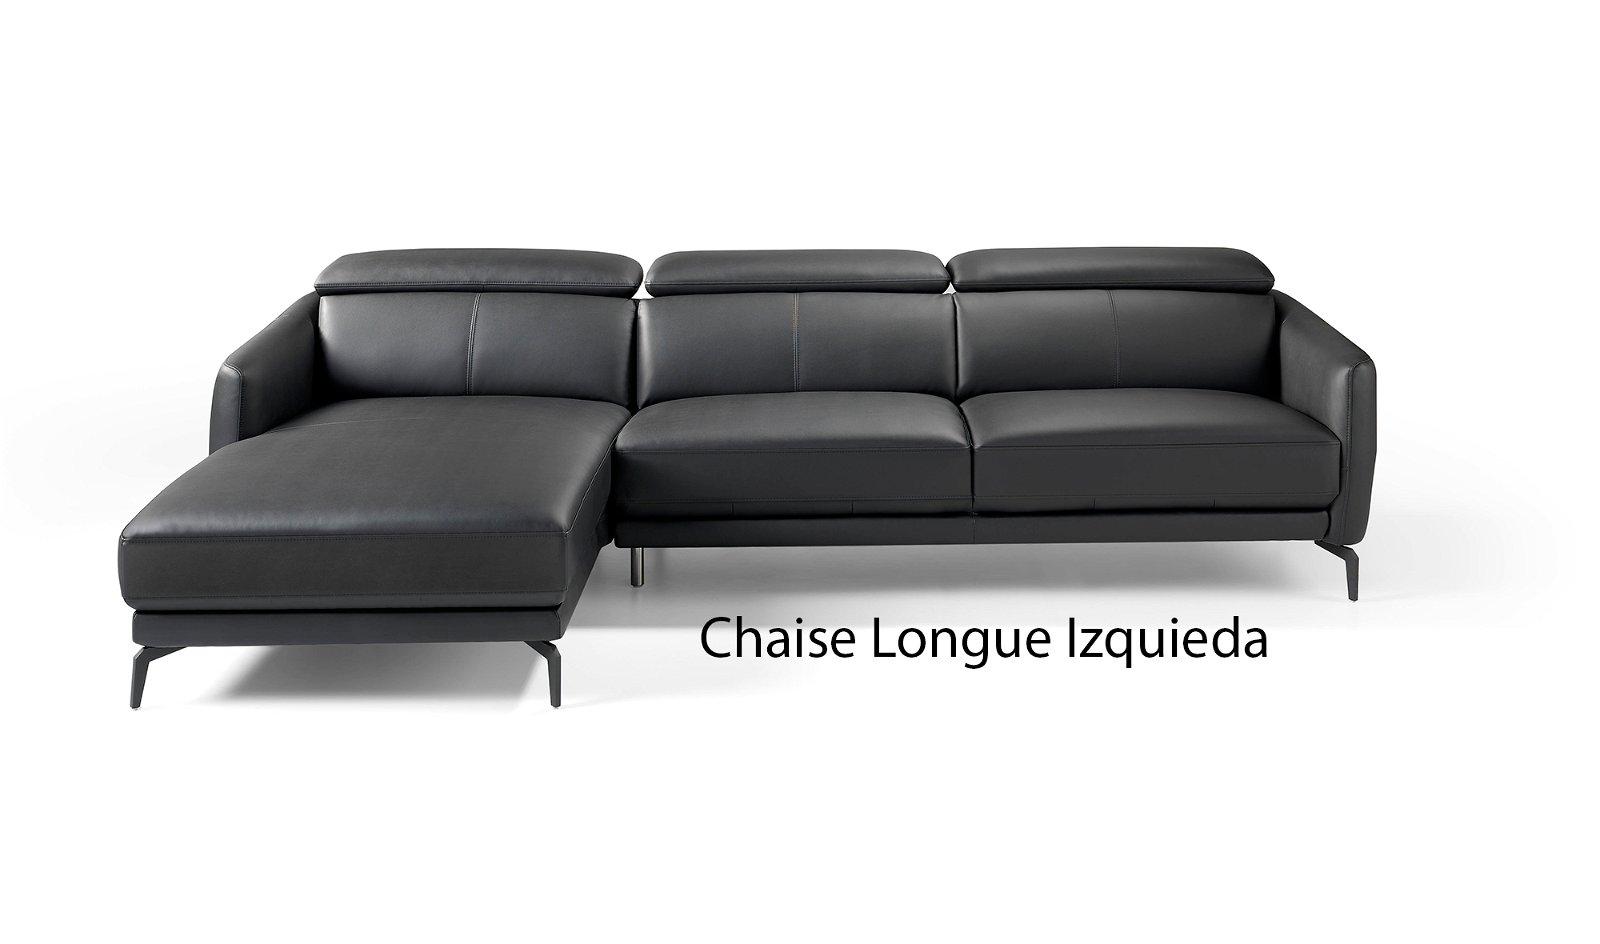 Sofá con chaise longue moderno piel y acero Atrani